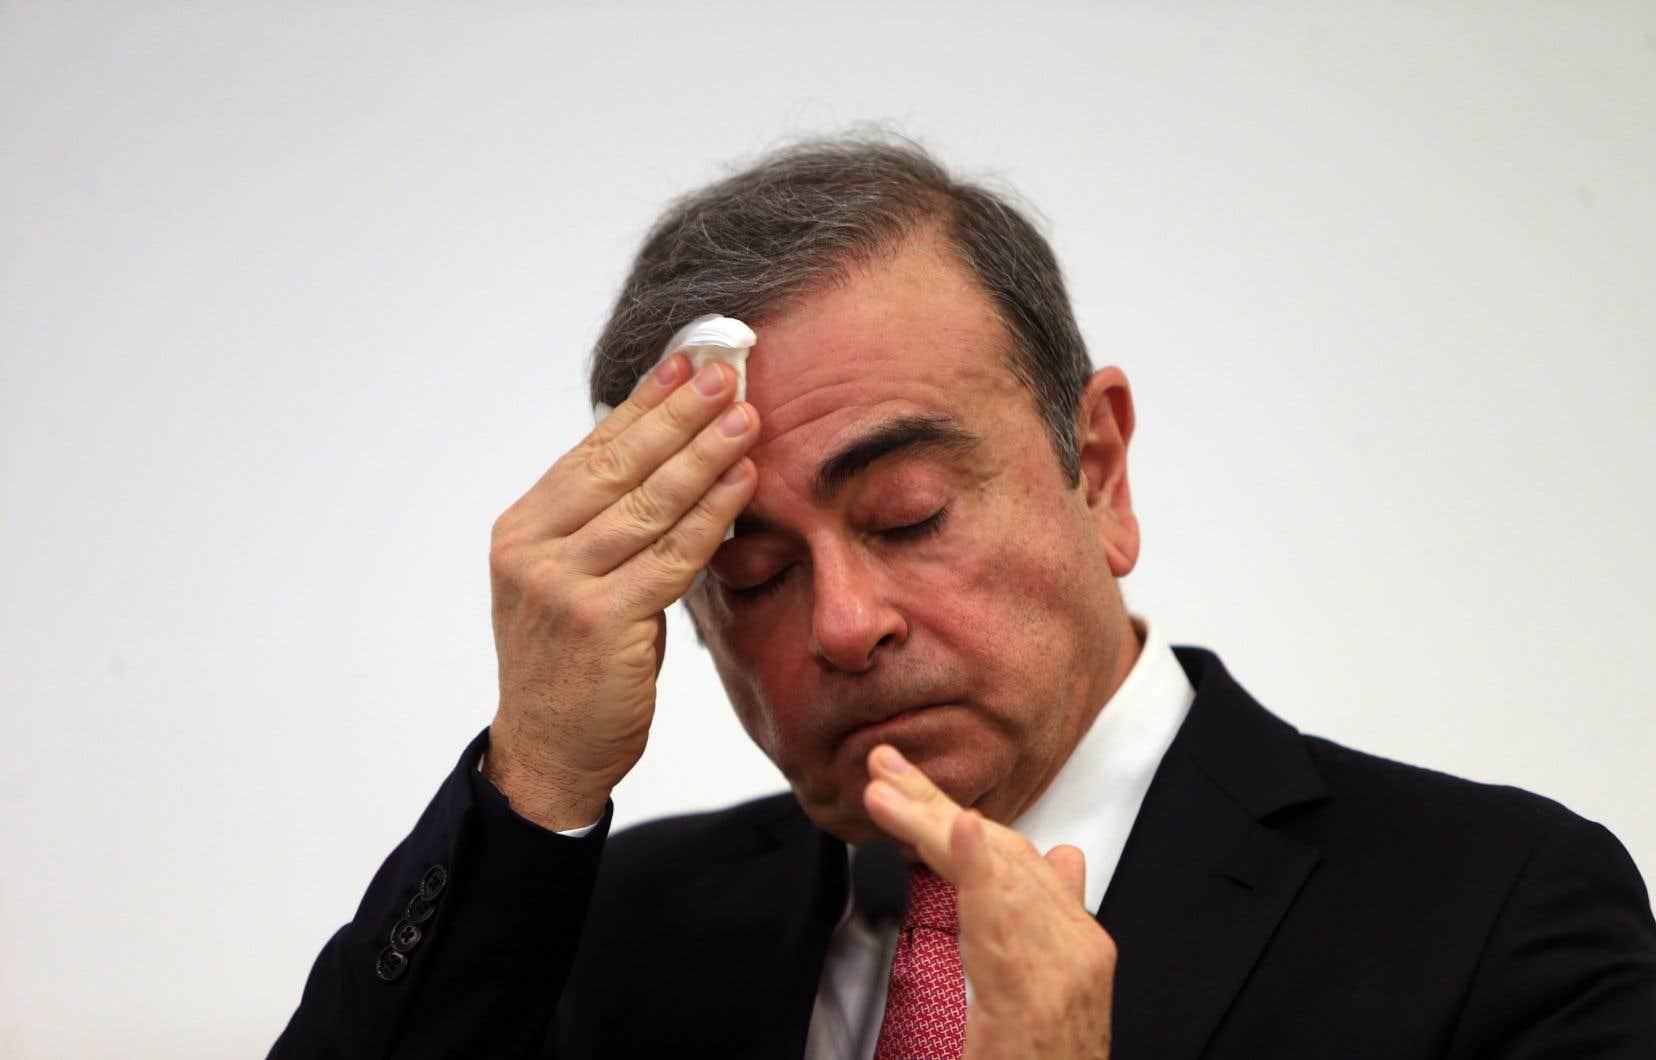 Carlos Ghosn resteraitinterdit de voyage jusqu'à réception de son dossier judiciaire du Japon, selon une source.